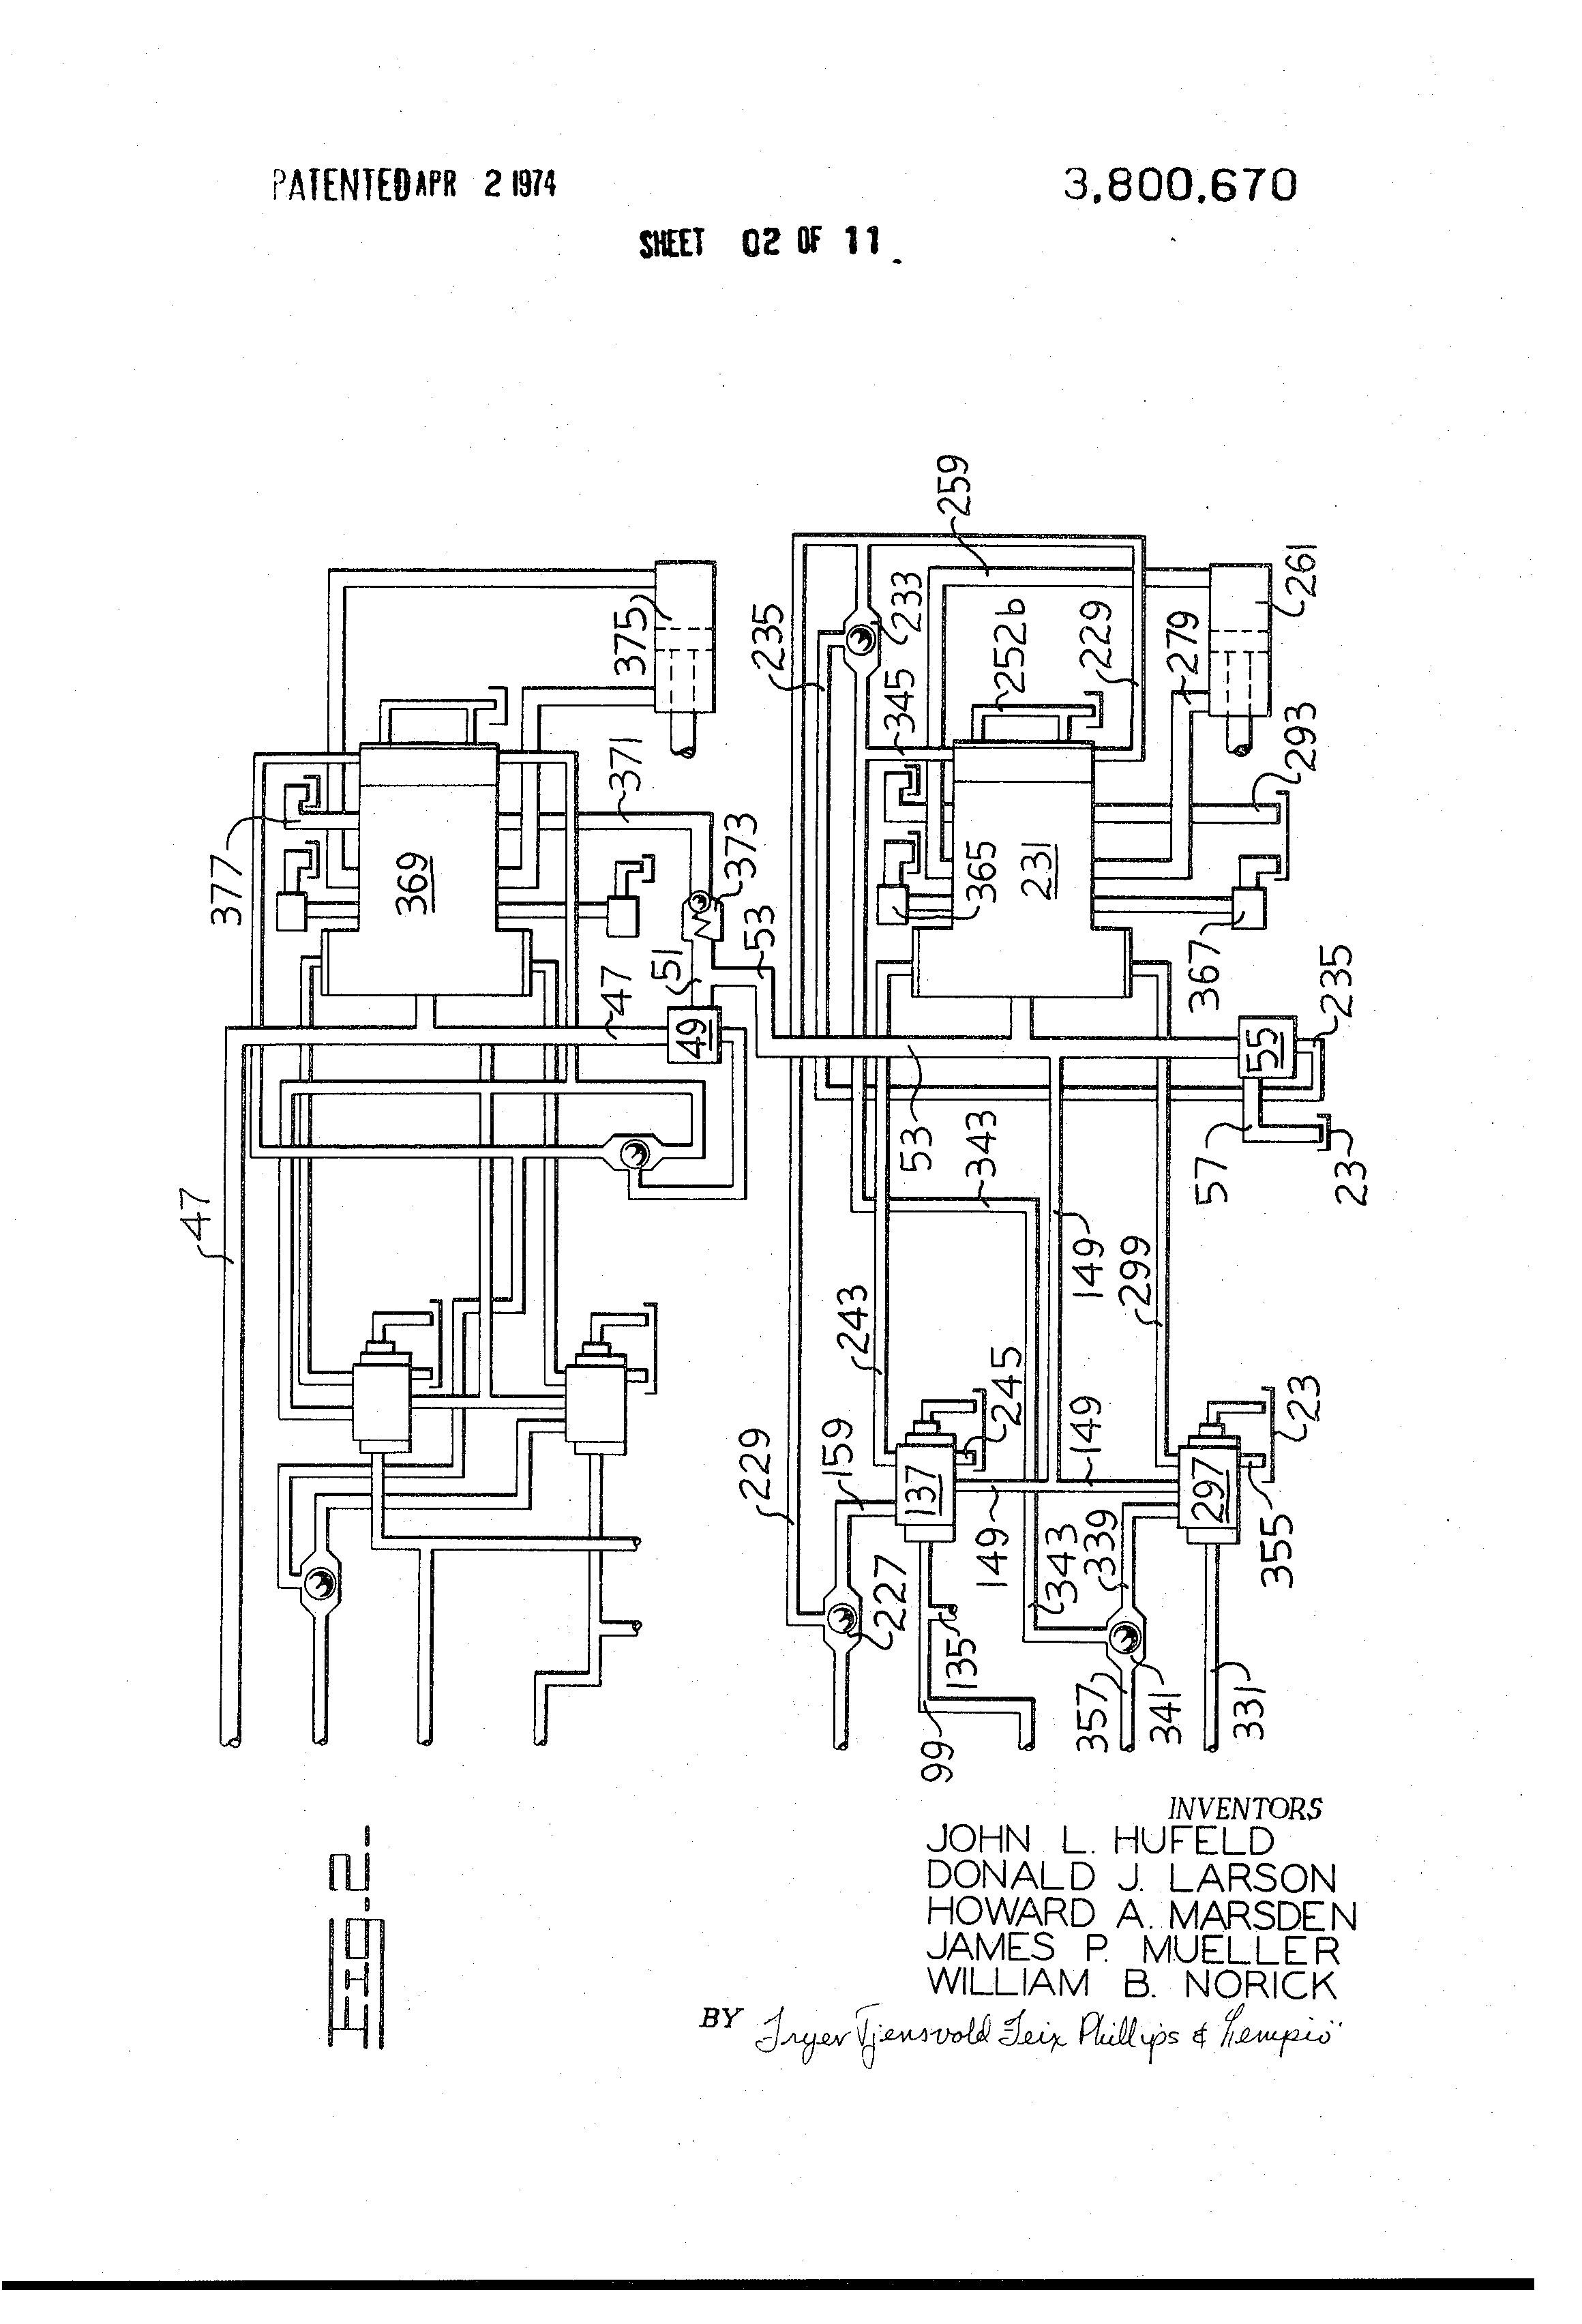 Massey Ferguson 35 Wiring Diagram 35 Mm Jack Wiring Diagram Jerrysmasterkeyforyouand Of Massey Ferguson 35 Wiring Diagram